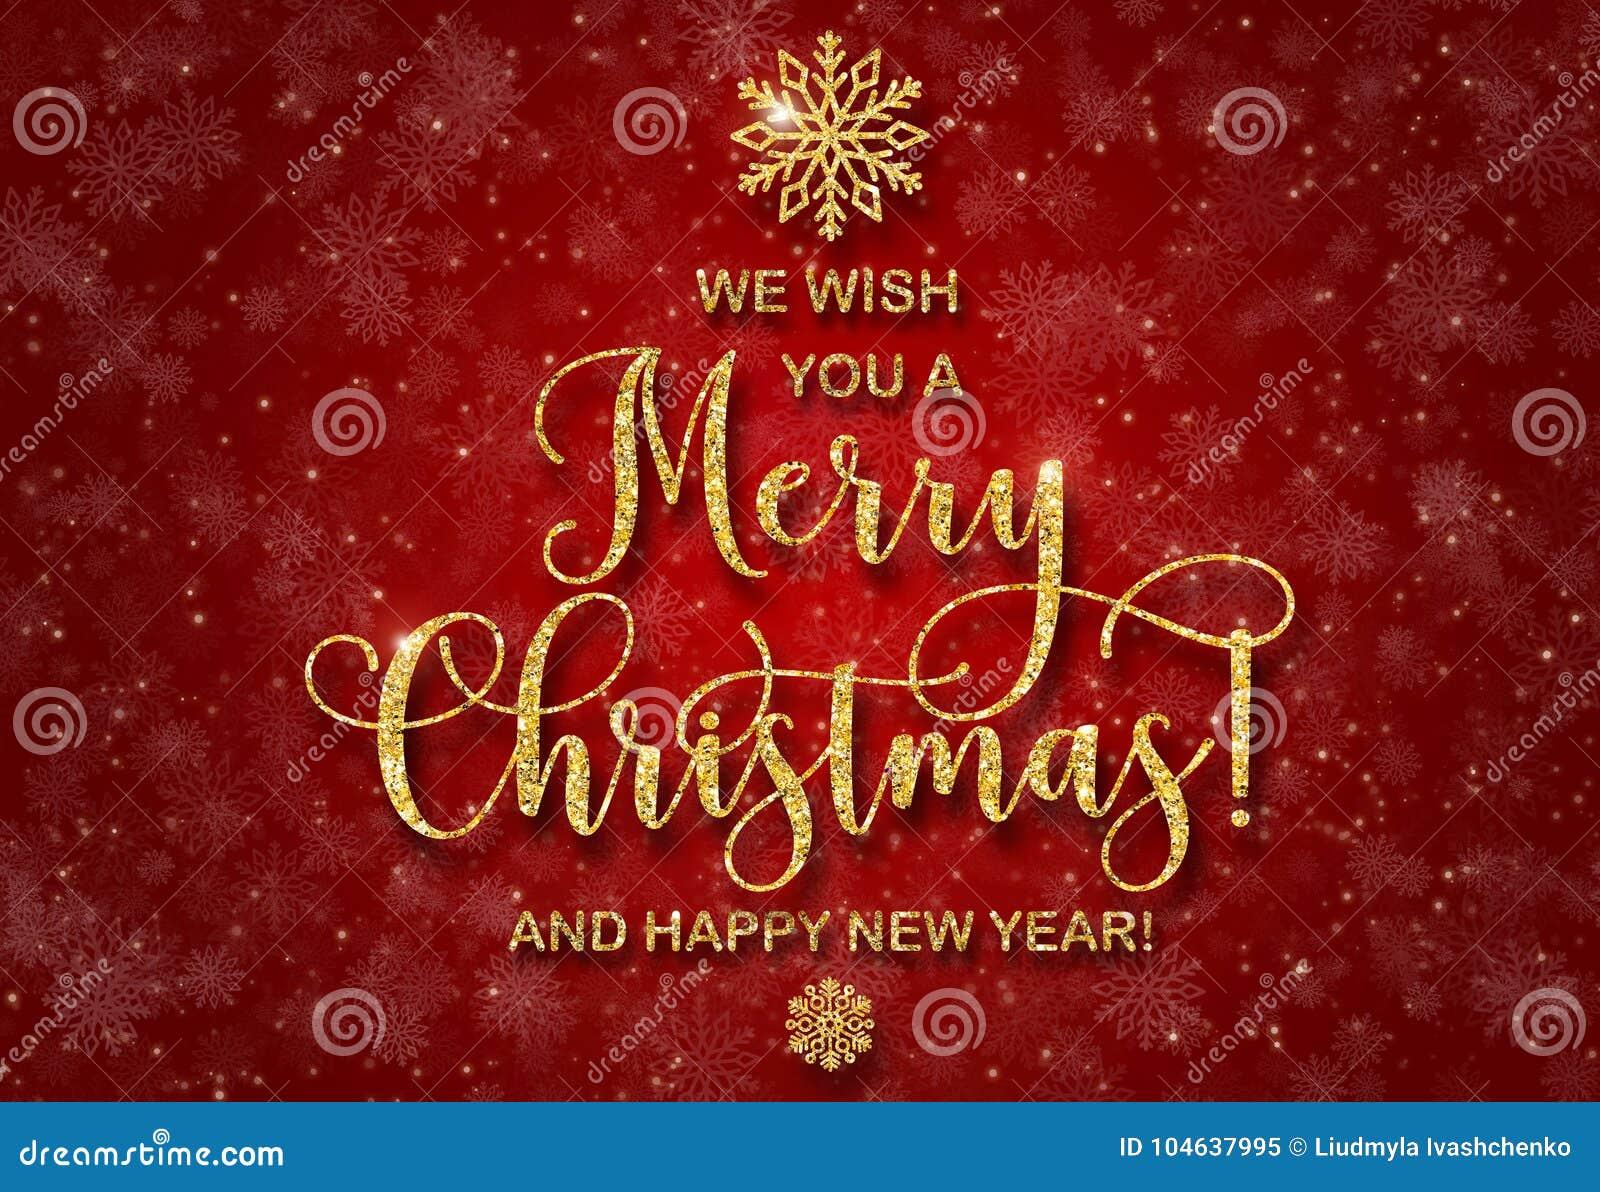 Download De Groetkaart Met Gouden Schittert Tekst Wij U Vrolijke Kerstmis En Een Gelukkig Nieuwjaar Wensen Stock Illustratie - Illustratie bestaande uit december, gouden: 104637995